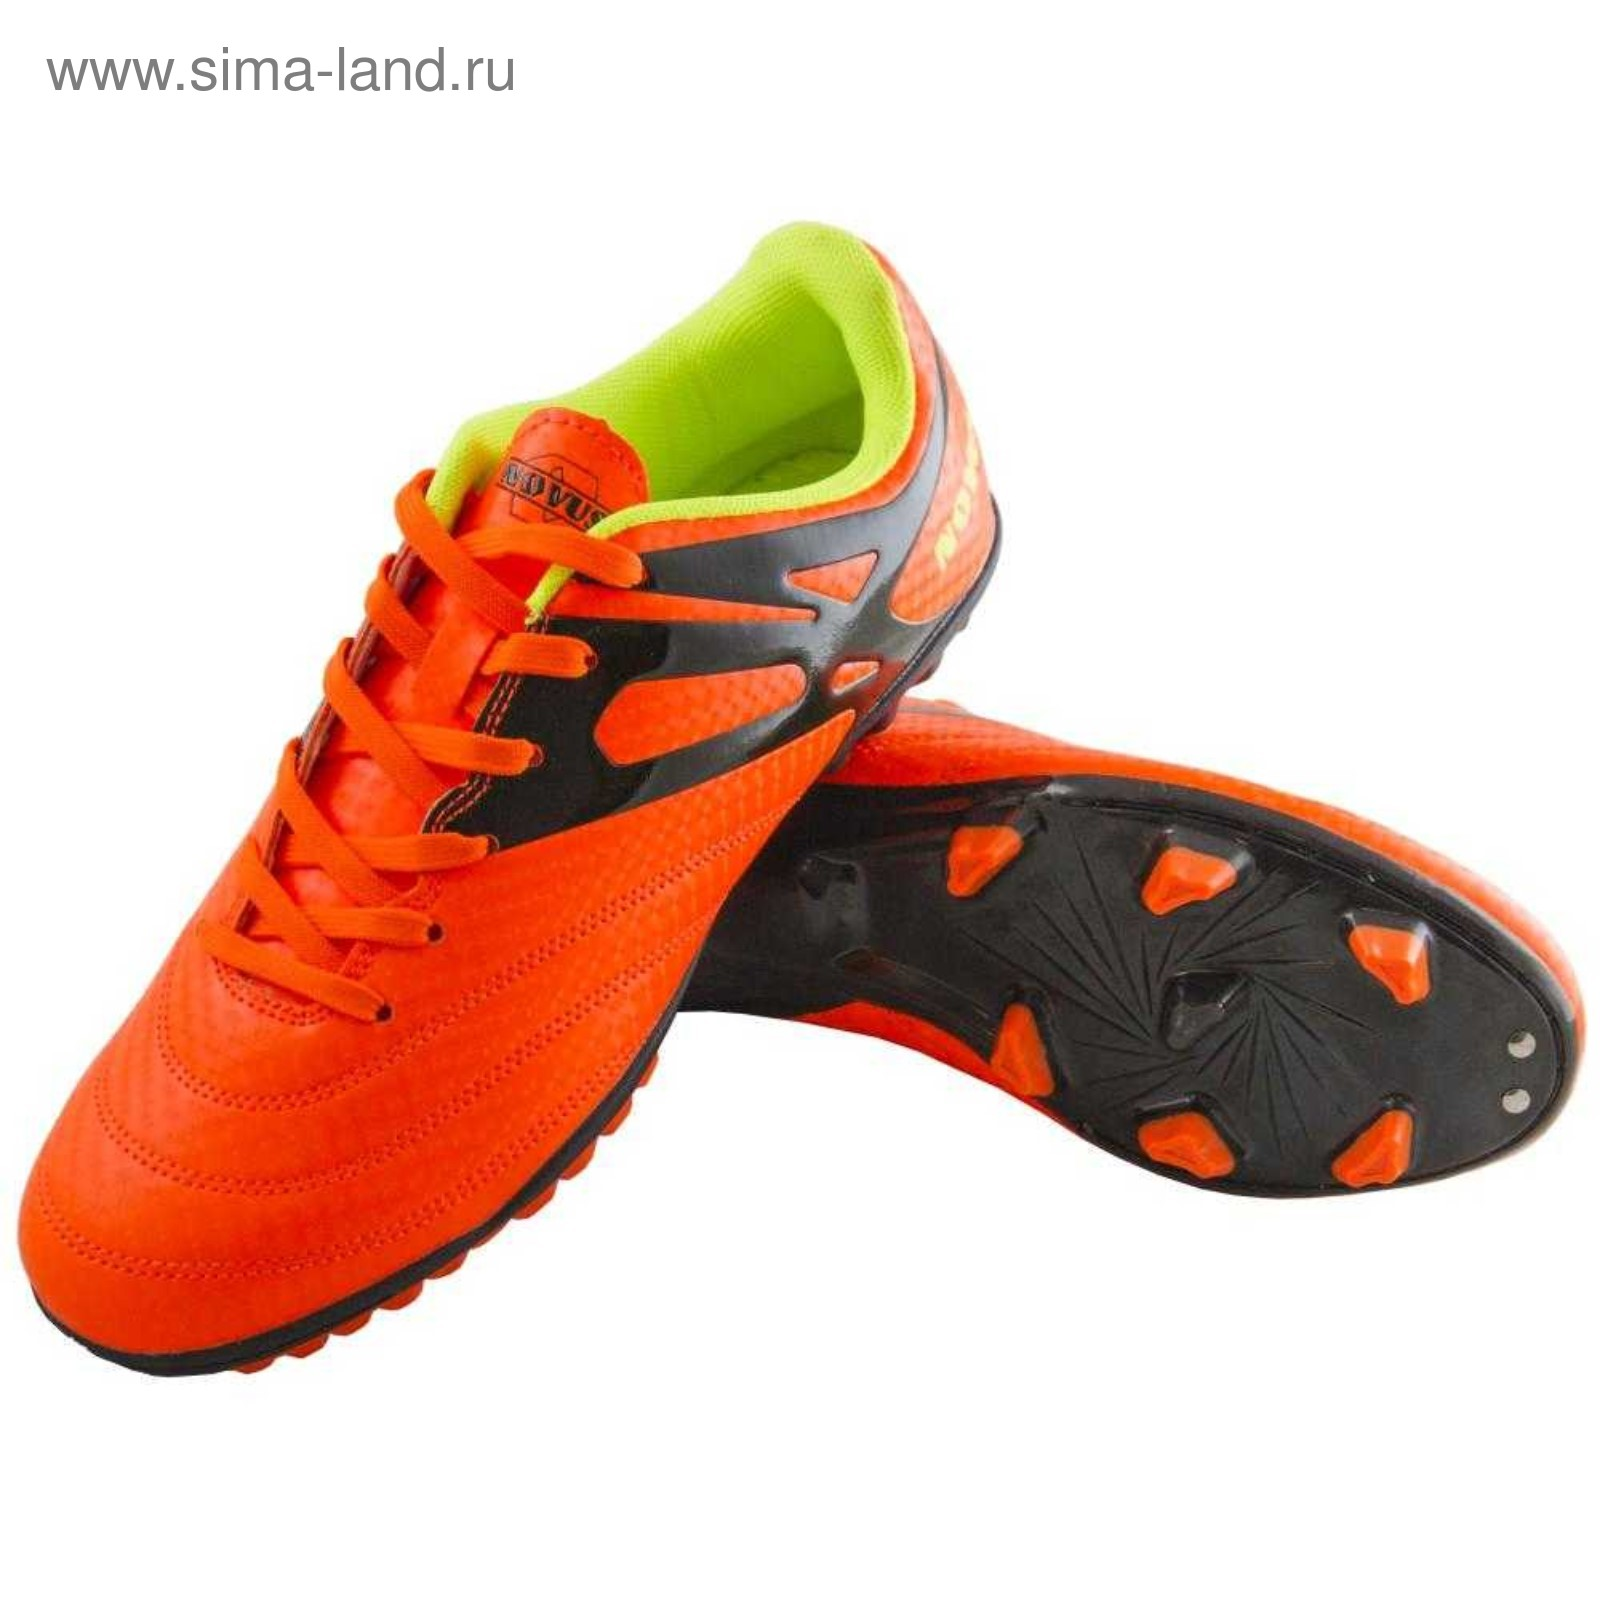 12667b42 Футбольные бутсы Novus, цвет оранжевый, размер 36 (3843799) - Купить ...